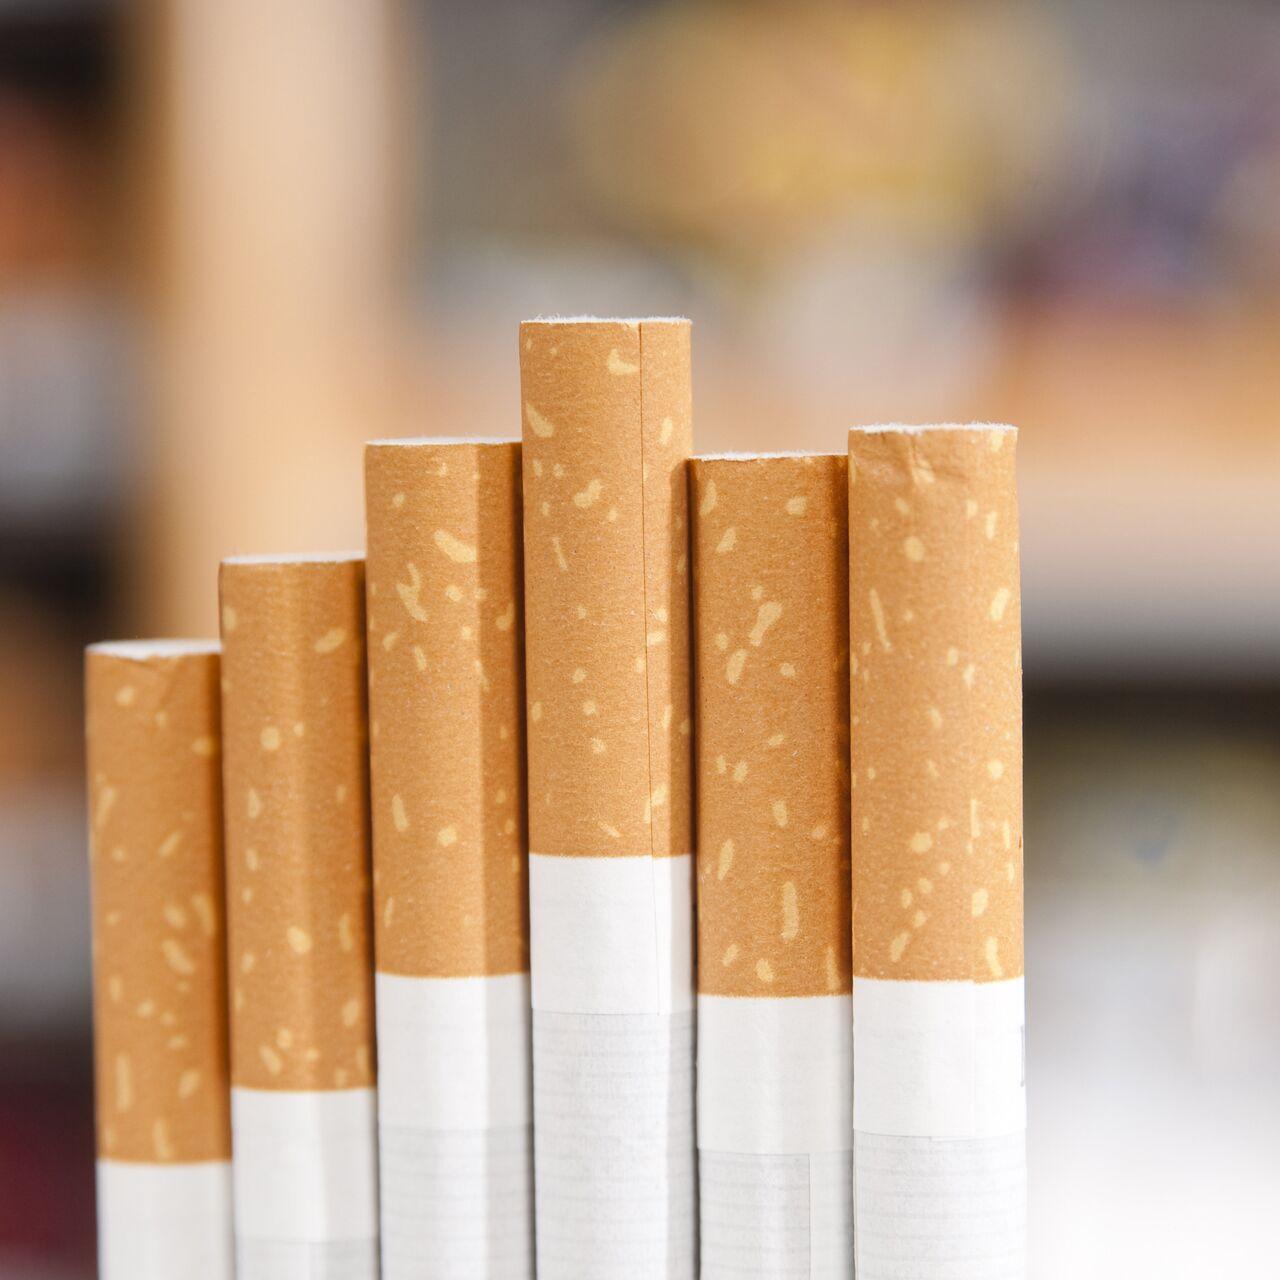 Закупка табачных изделий купить электронную сигарету в таганроге цены